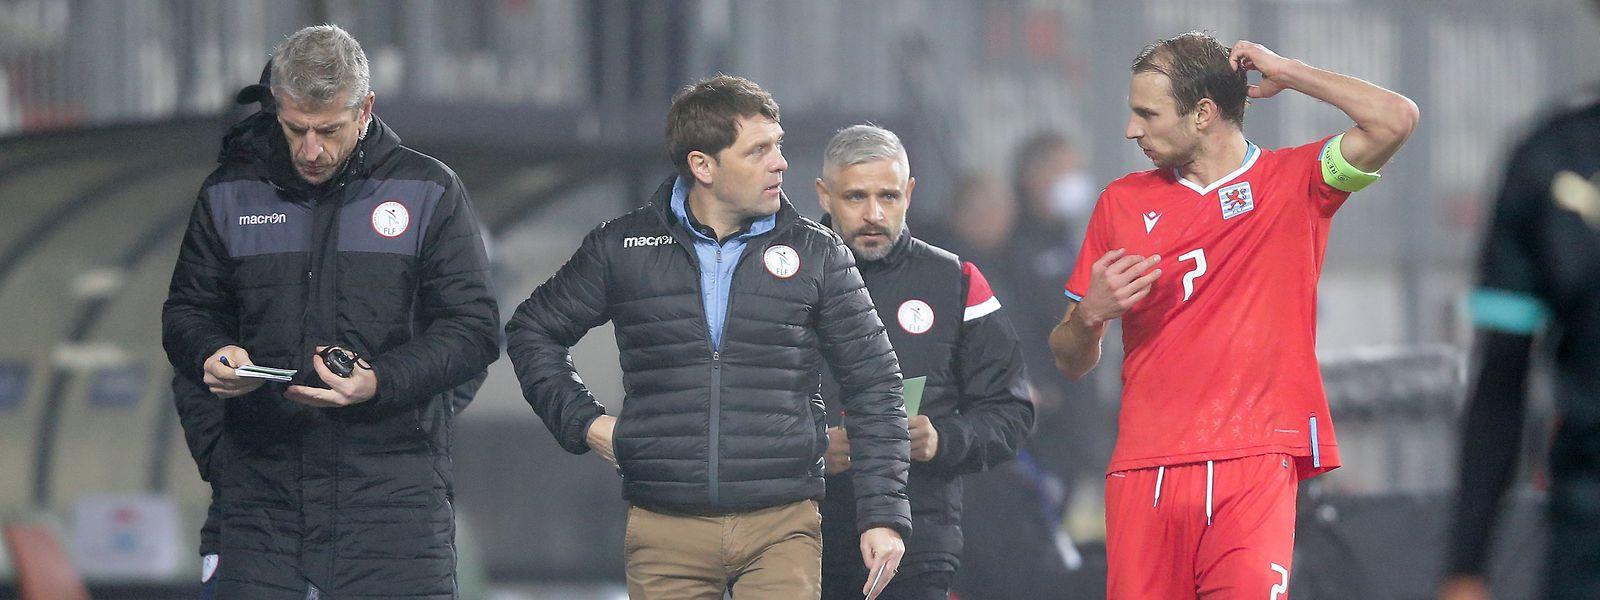 La prolongation de son contrat donnera ainsi l'occasion à Luc Holtz de vibrer au sein du stade flambant neuf de Luxembourg-Ville.